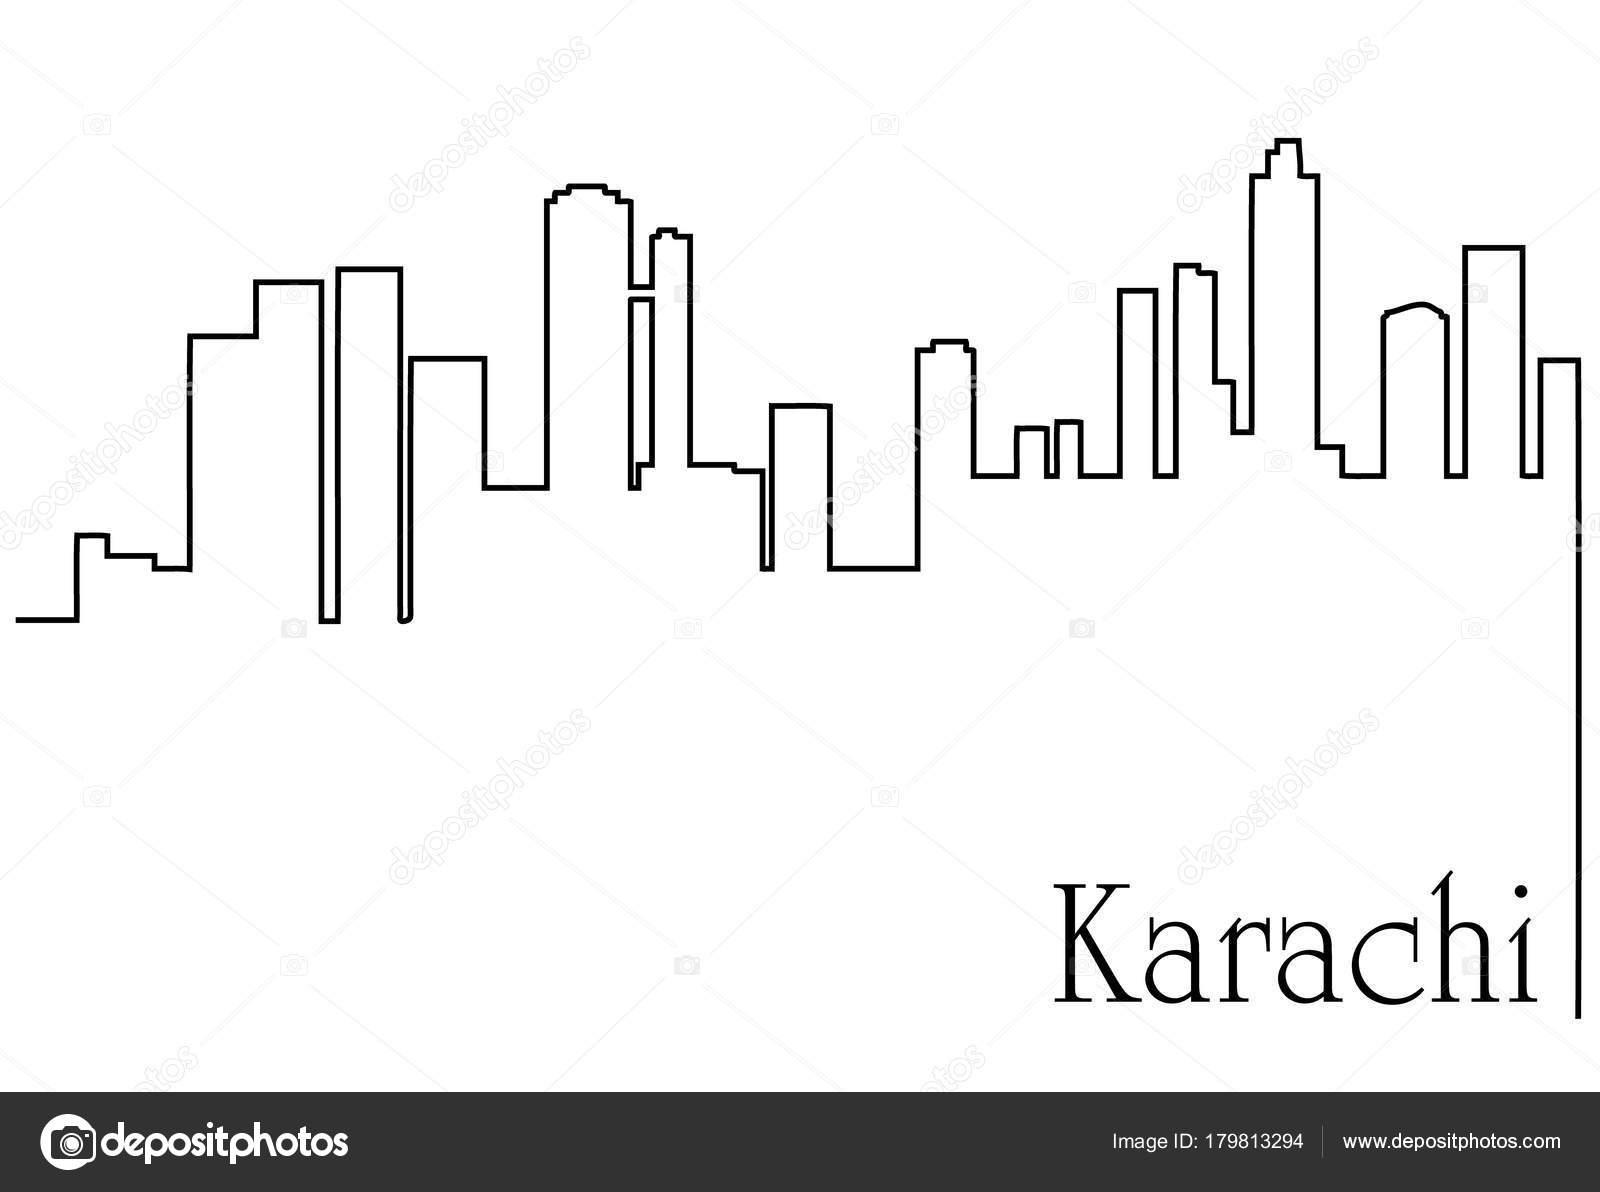 Astratto Sfondo Pallavolo Disegno Vettoriale: Sfondo Astratto Con Disegno Città Karachi Con Paesaggio